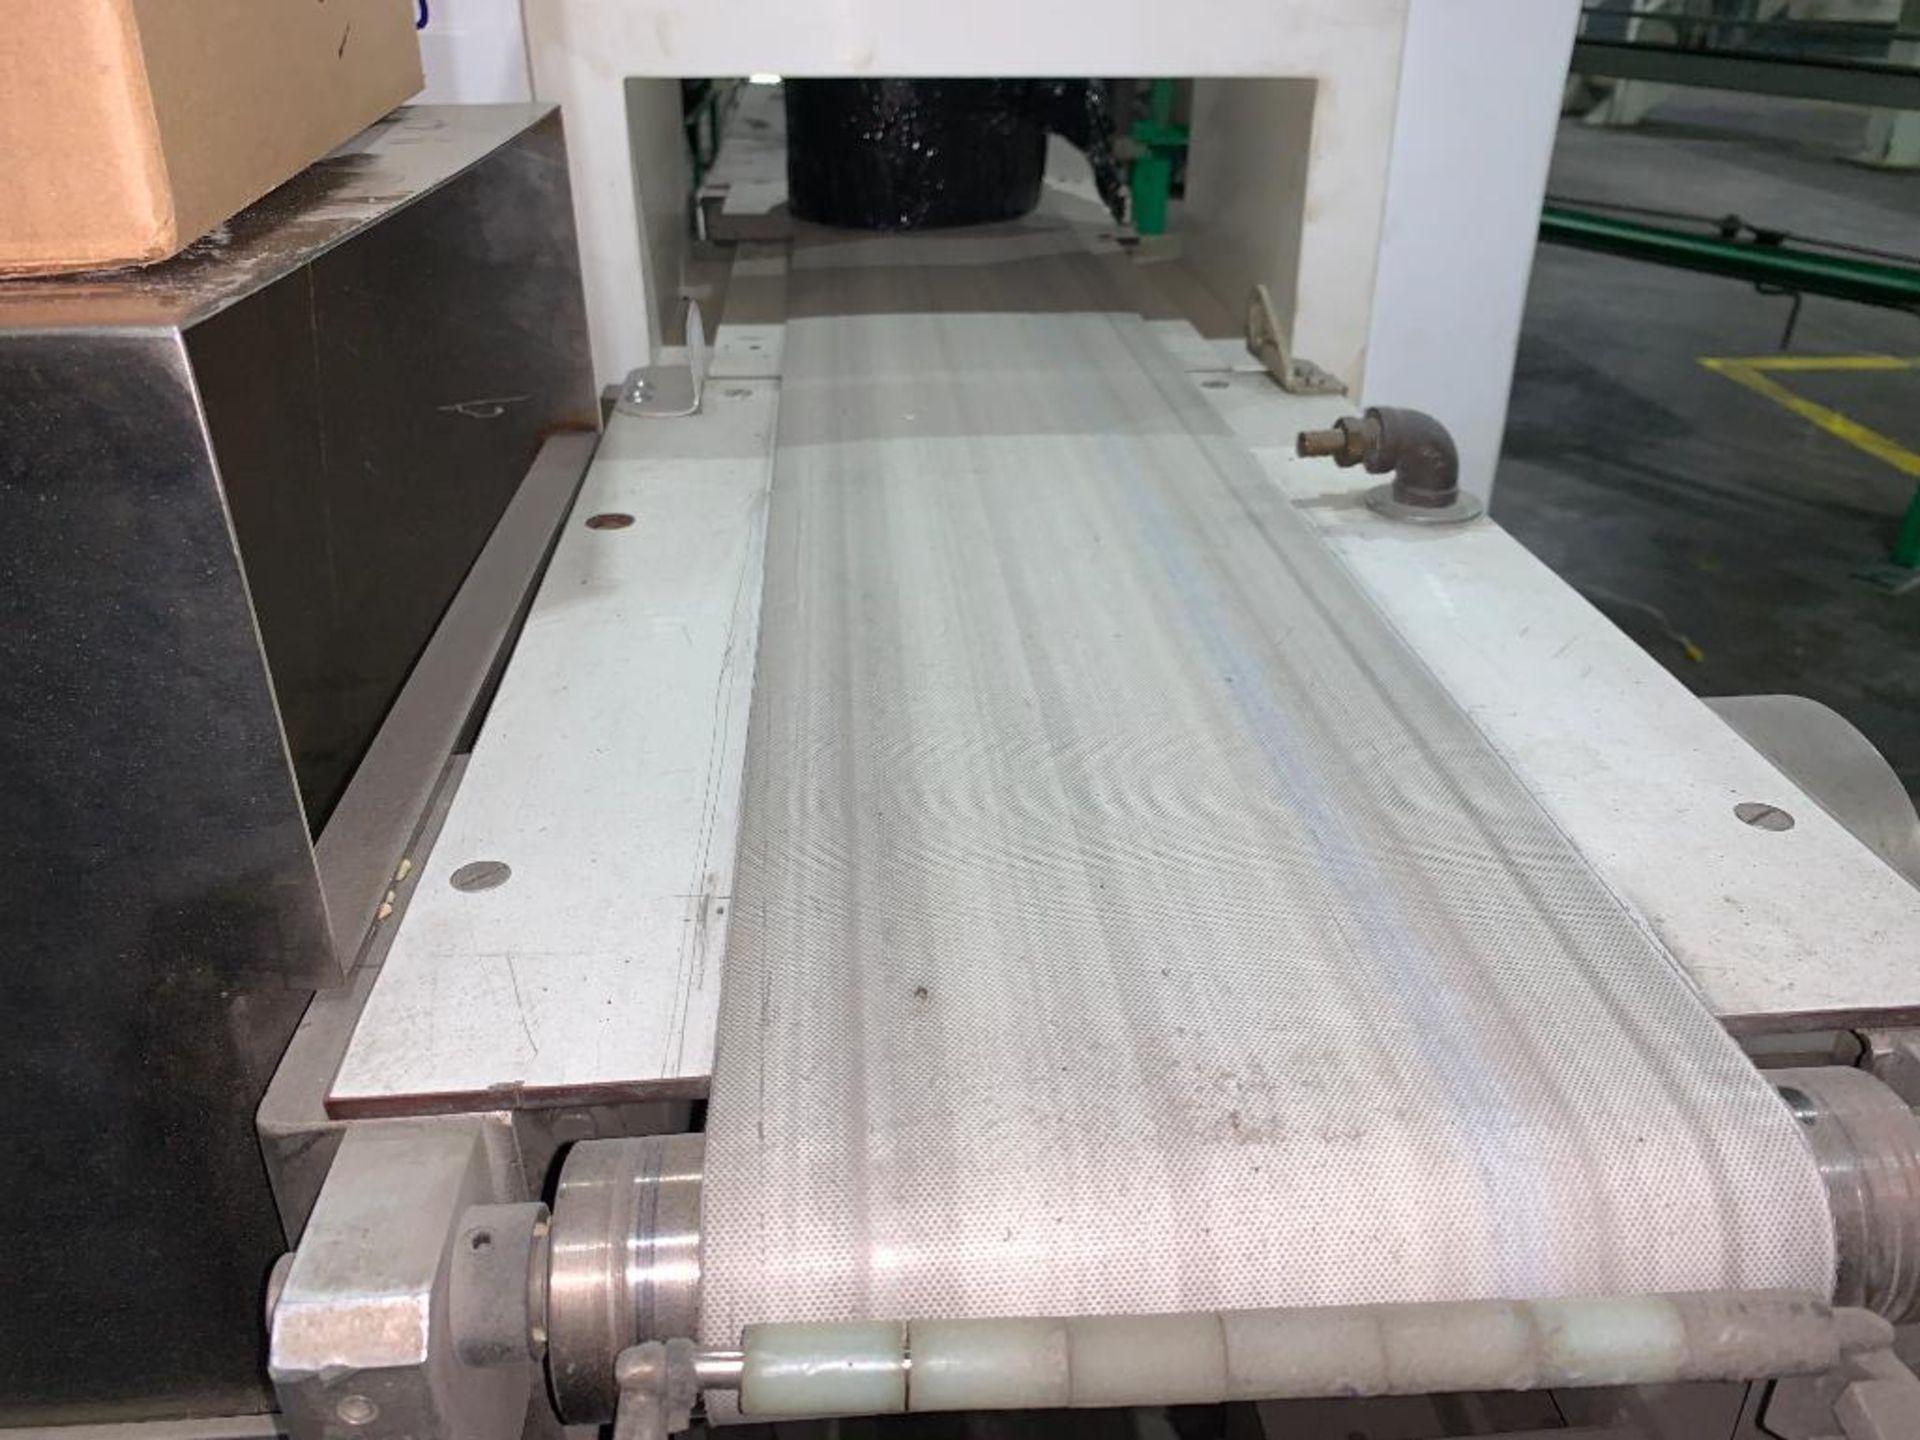 Mettler Toledo metal detector - Image 22 of 24